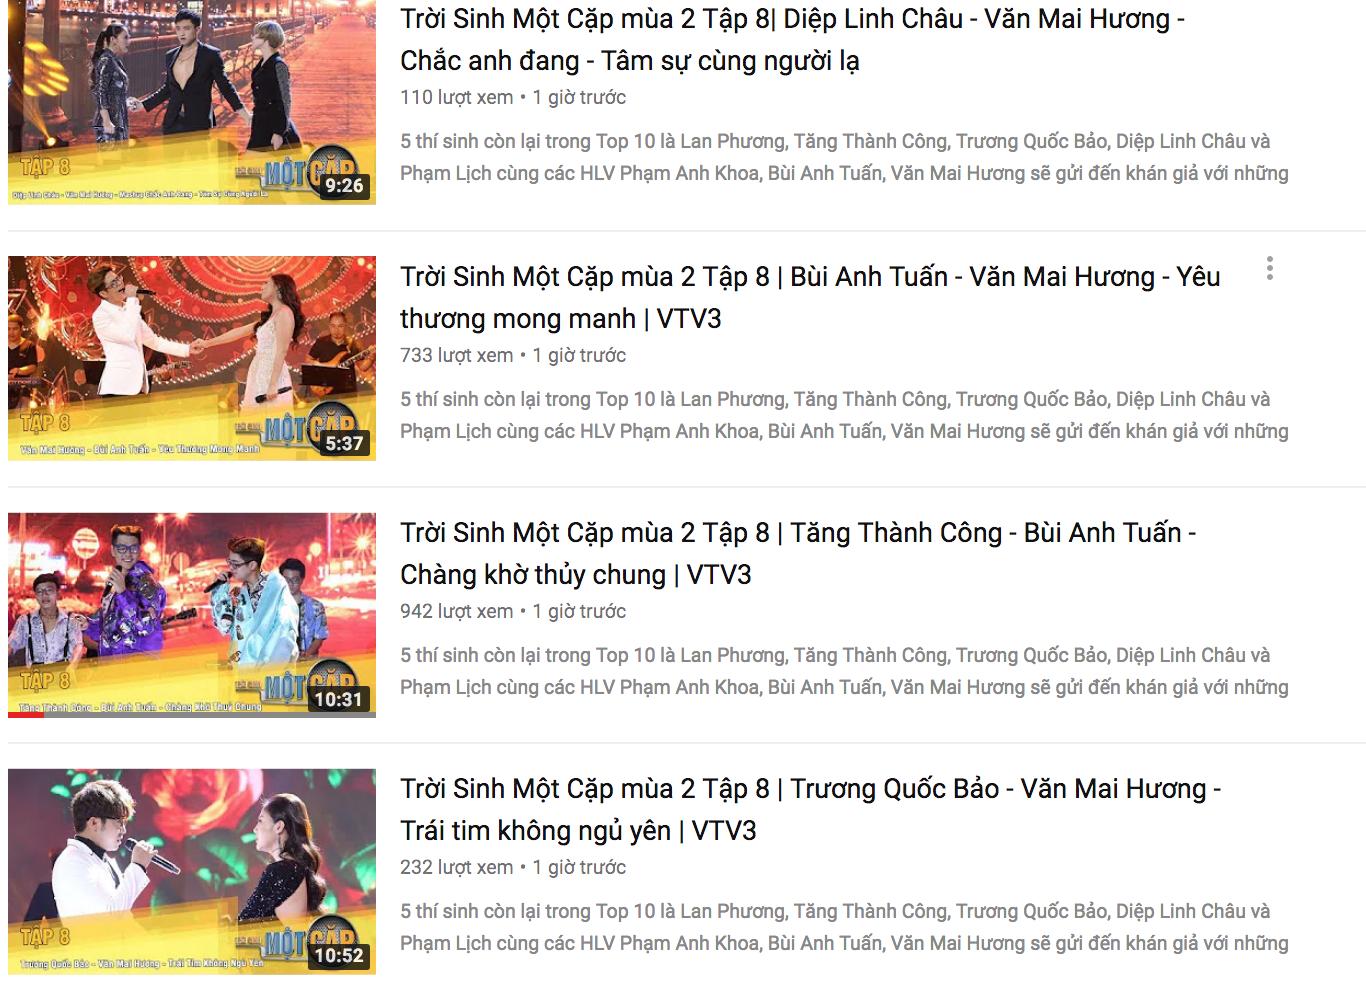 Trời sinh một cặp: Phạm Lịch bị loại - Fanpage, YouTube chương trình không đăng tải về team Phạm Anh Khoa - Ảnh 2.